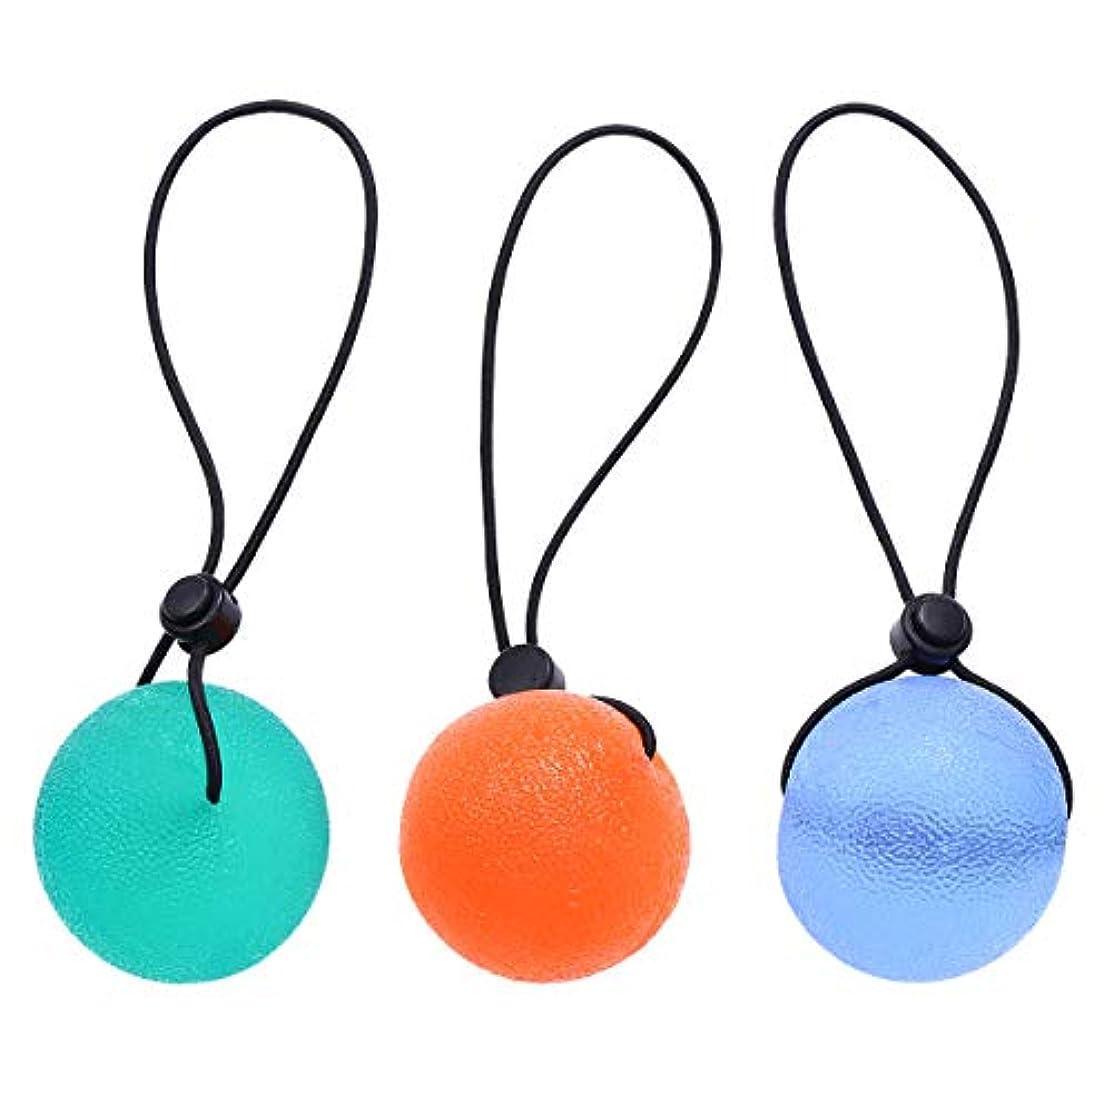 広げるママポーターHEALIFTY ストレスリリーフボール、3本の指グリップボールセラピーエクササイズスクイズ卵ストレスボールストリングフィットネス機器(ランダムカラー)